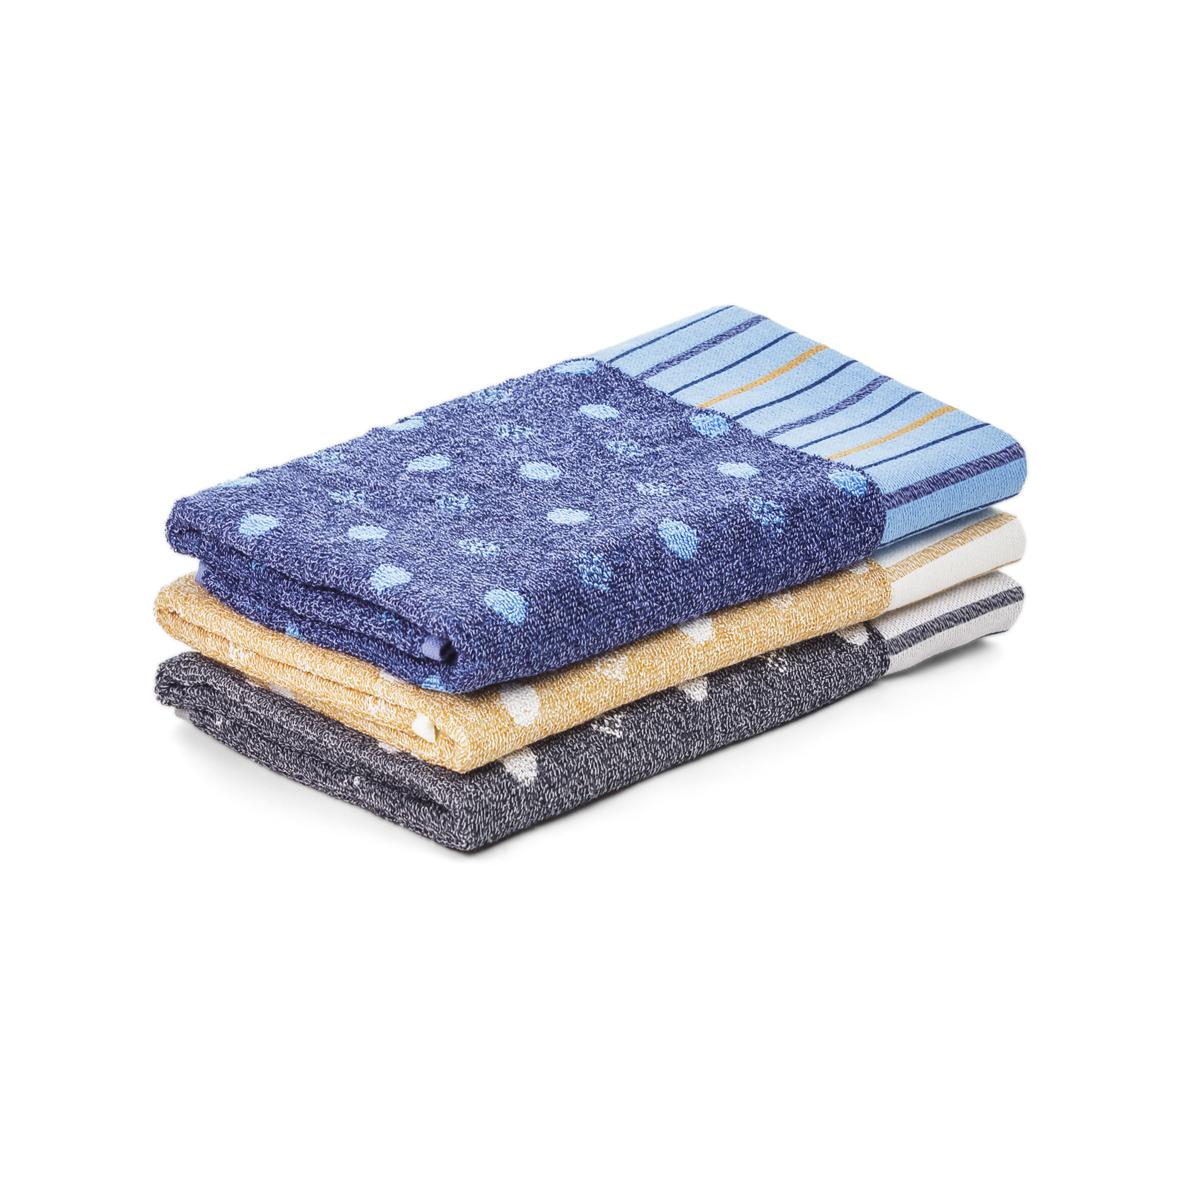 Полотенце Горошек Синий р. 50х90Махровые полотенца<br><br><br>Тип: Полотенце<br>Размер: 50х90<br>Материал: Махра